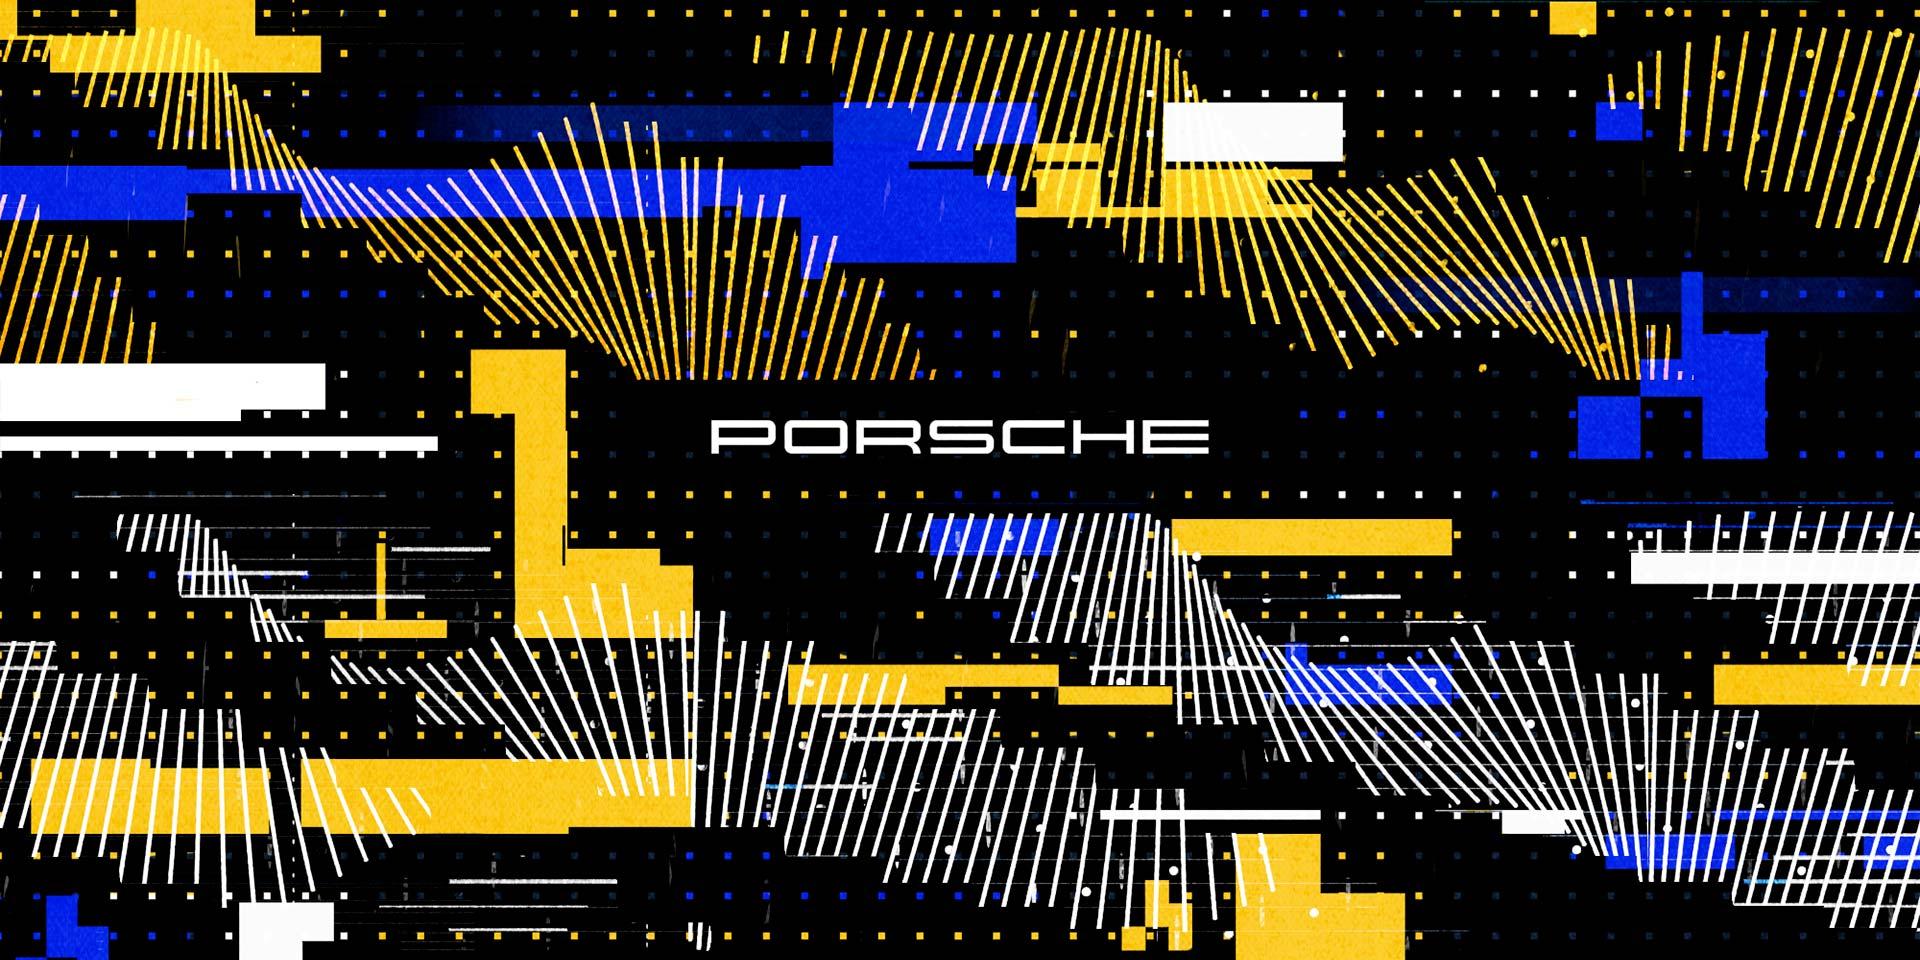 Porsche_Frame_14